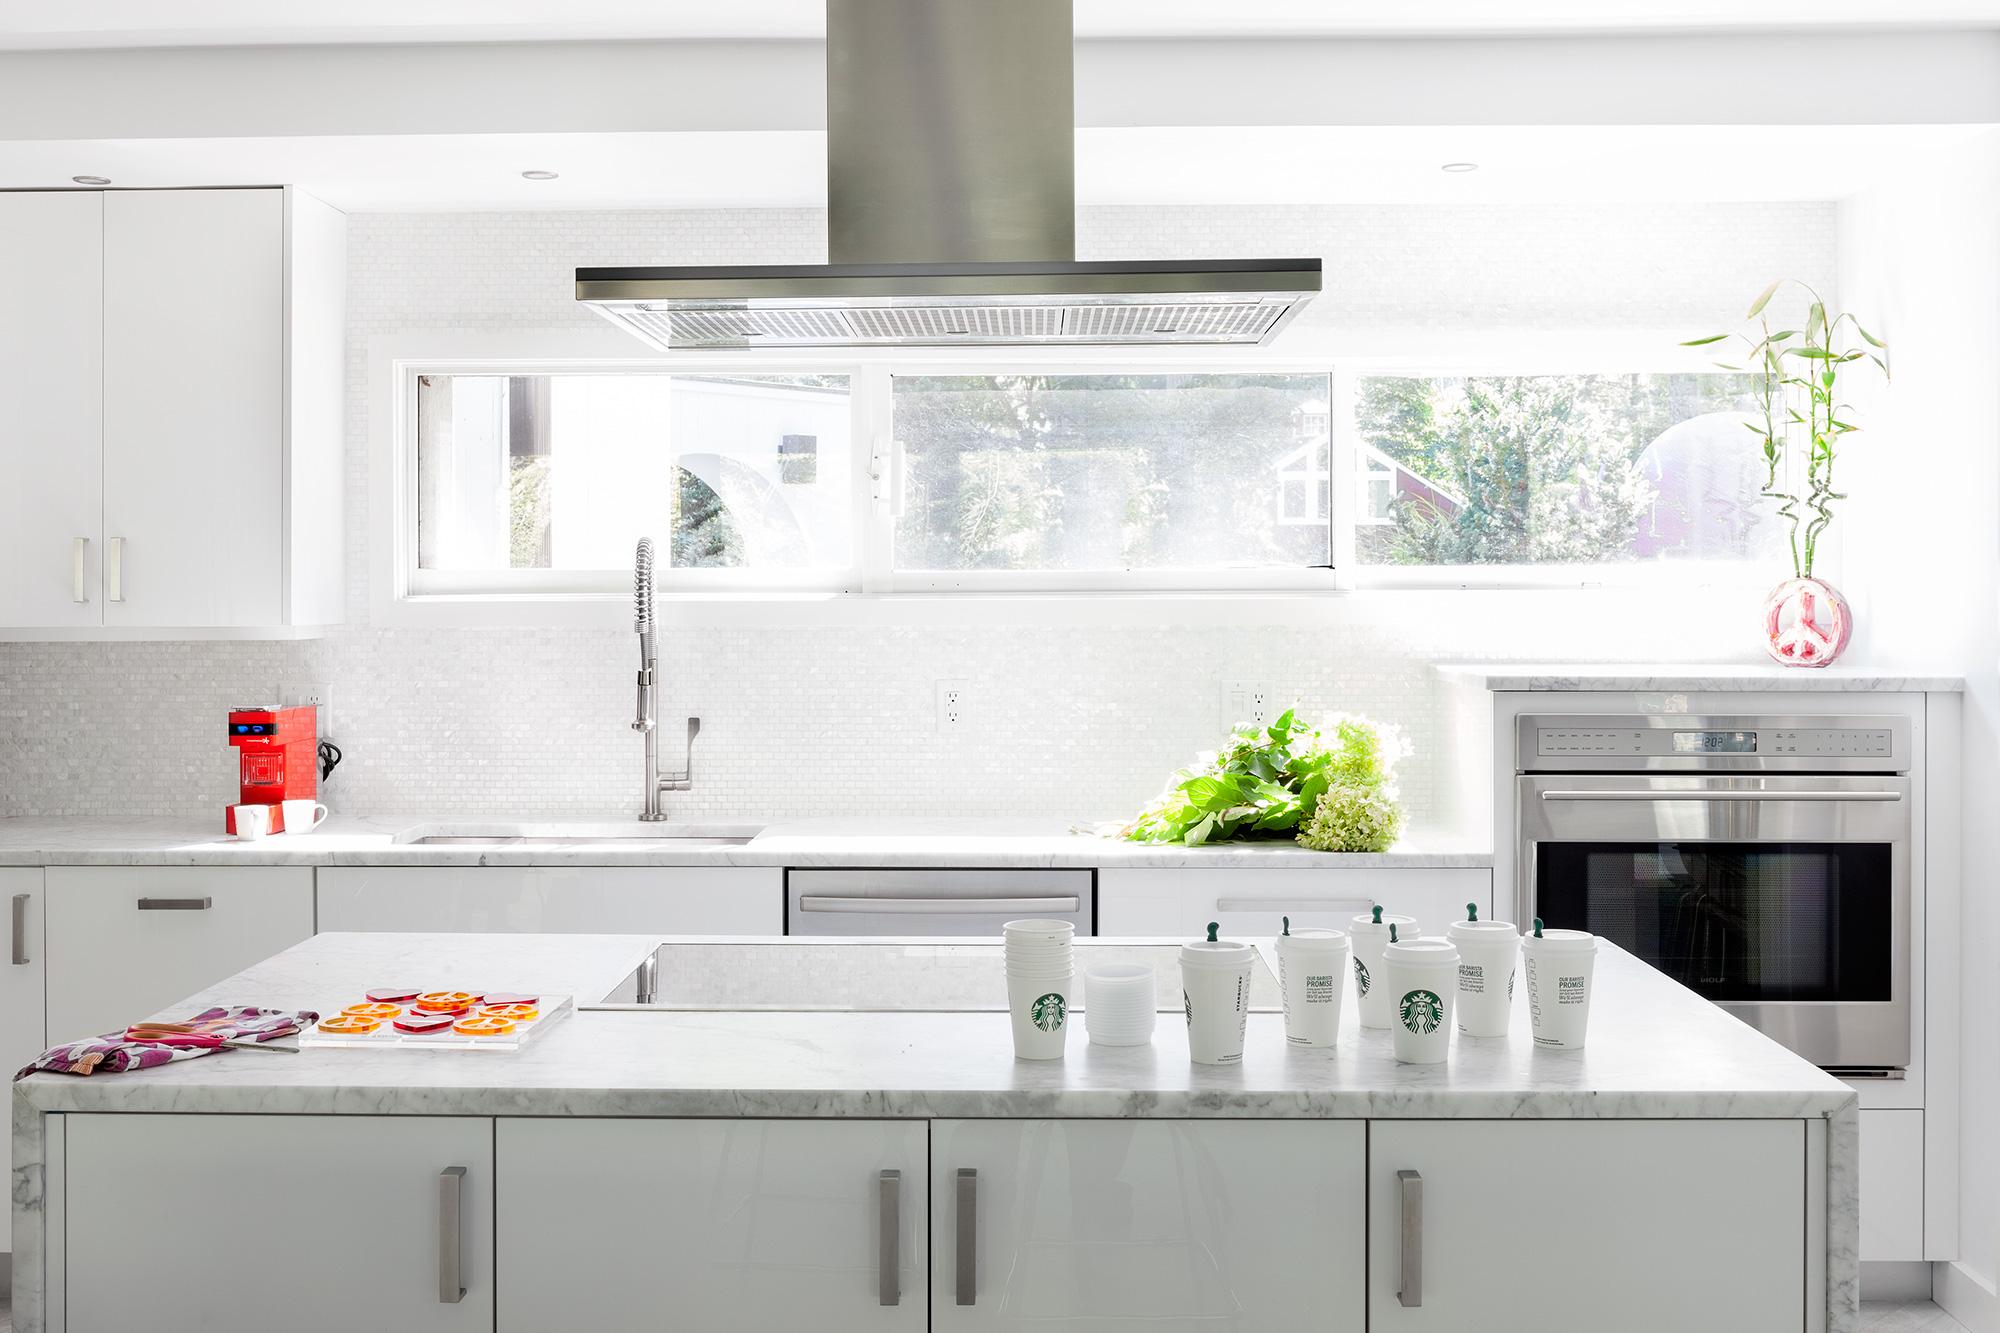 kitchen-botox-16.jpg